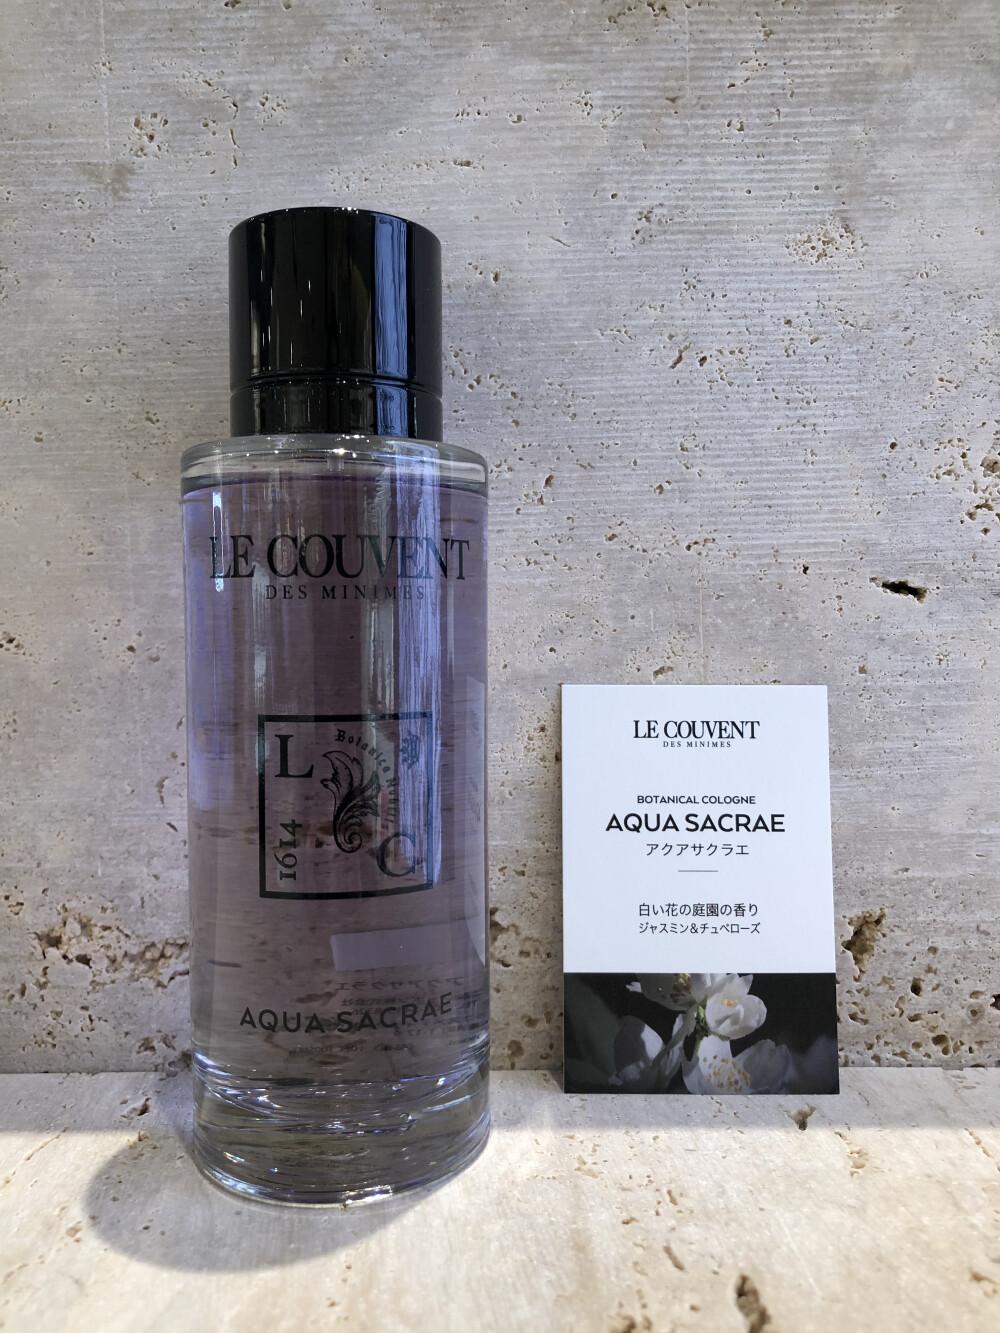 AQUASACRAE〈アクアサクラエ〉〜ジャスミンの香り〜